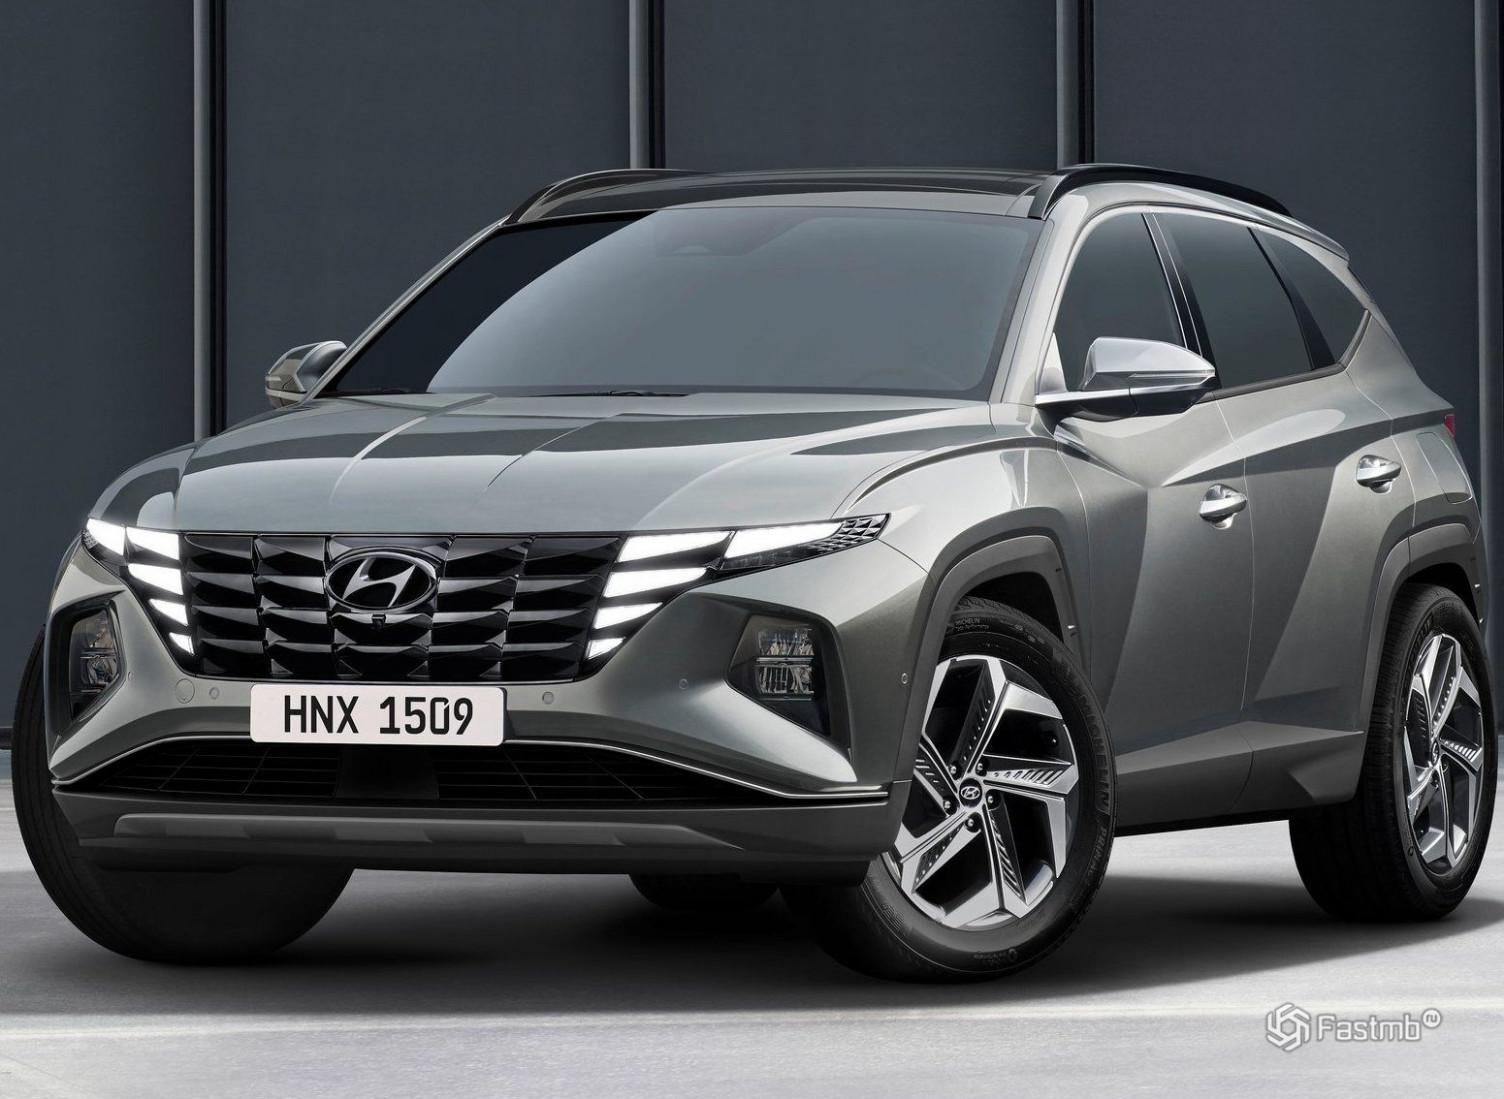 Picture Mazda Cx 3 Hybrid 2022